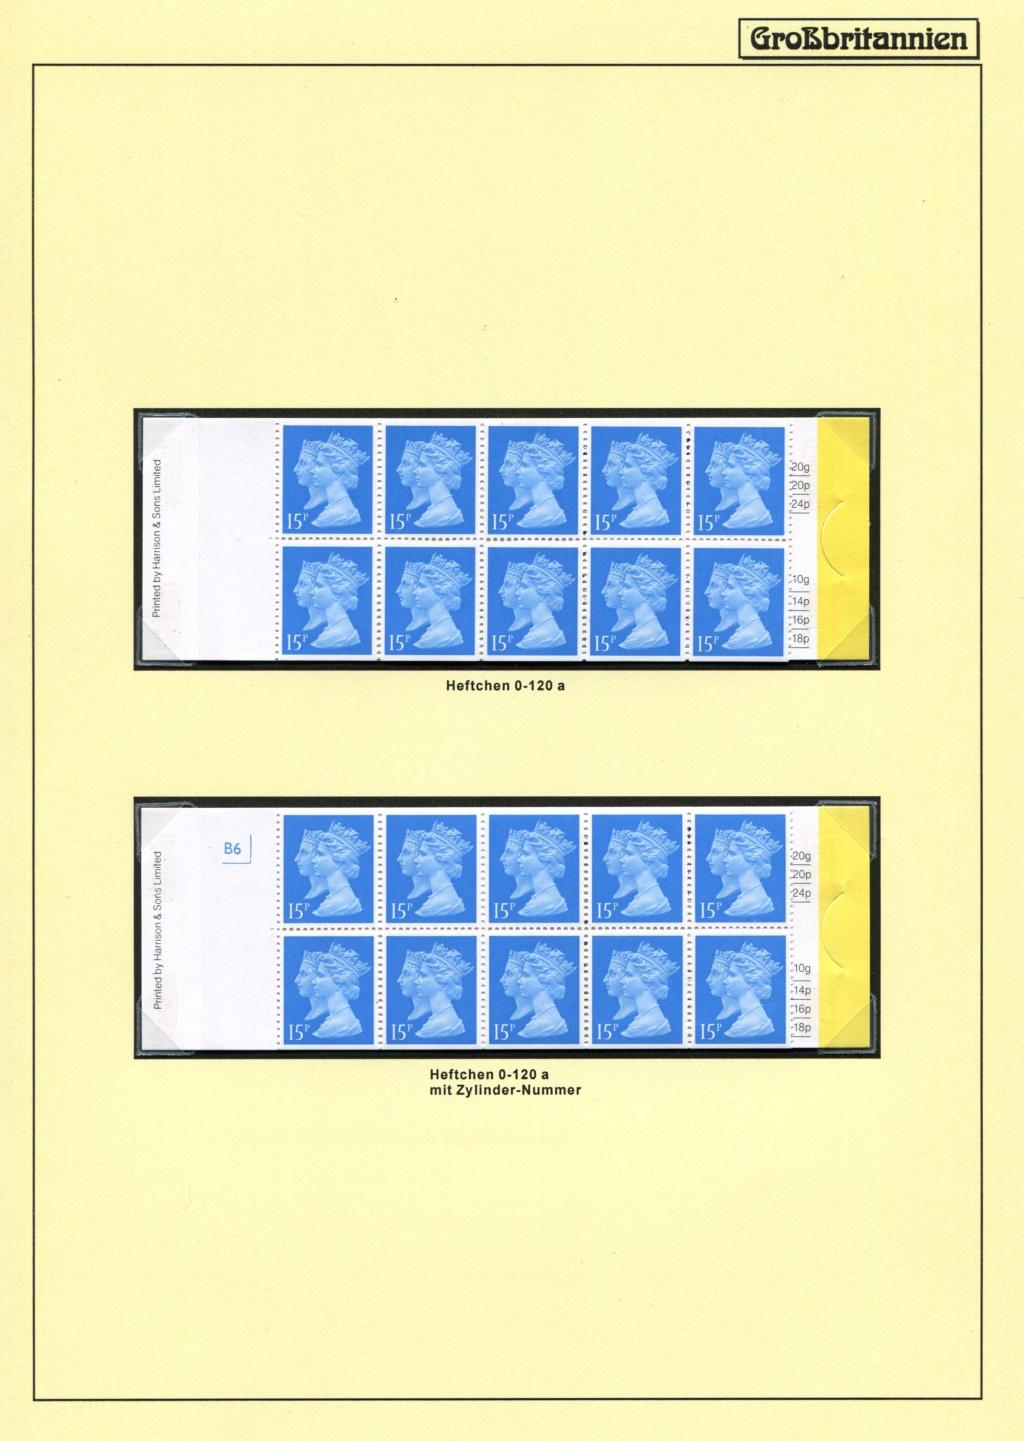 Großbritannien - 150 Jahre Briefmarken Black_21